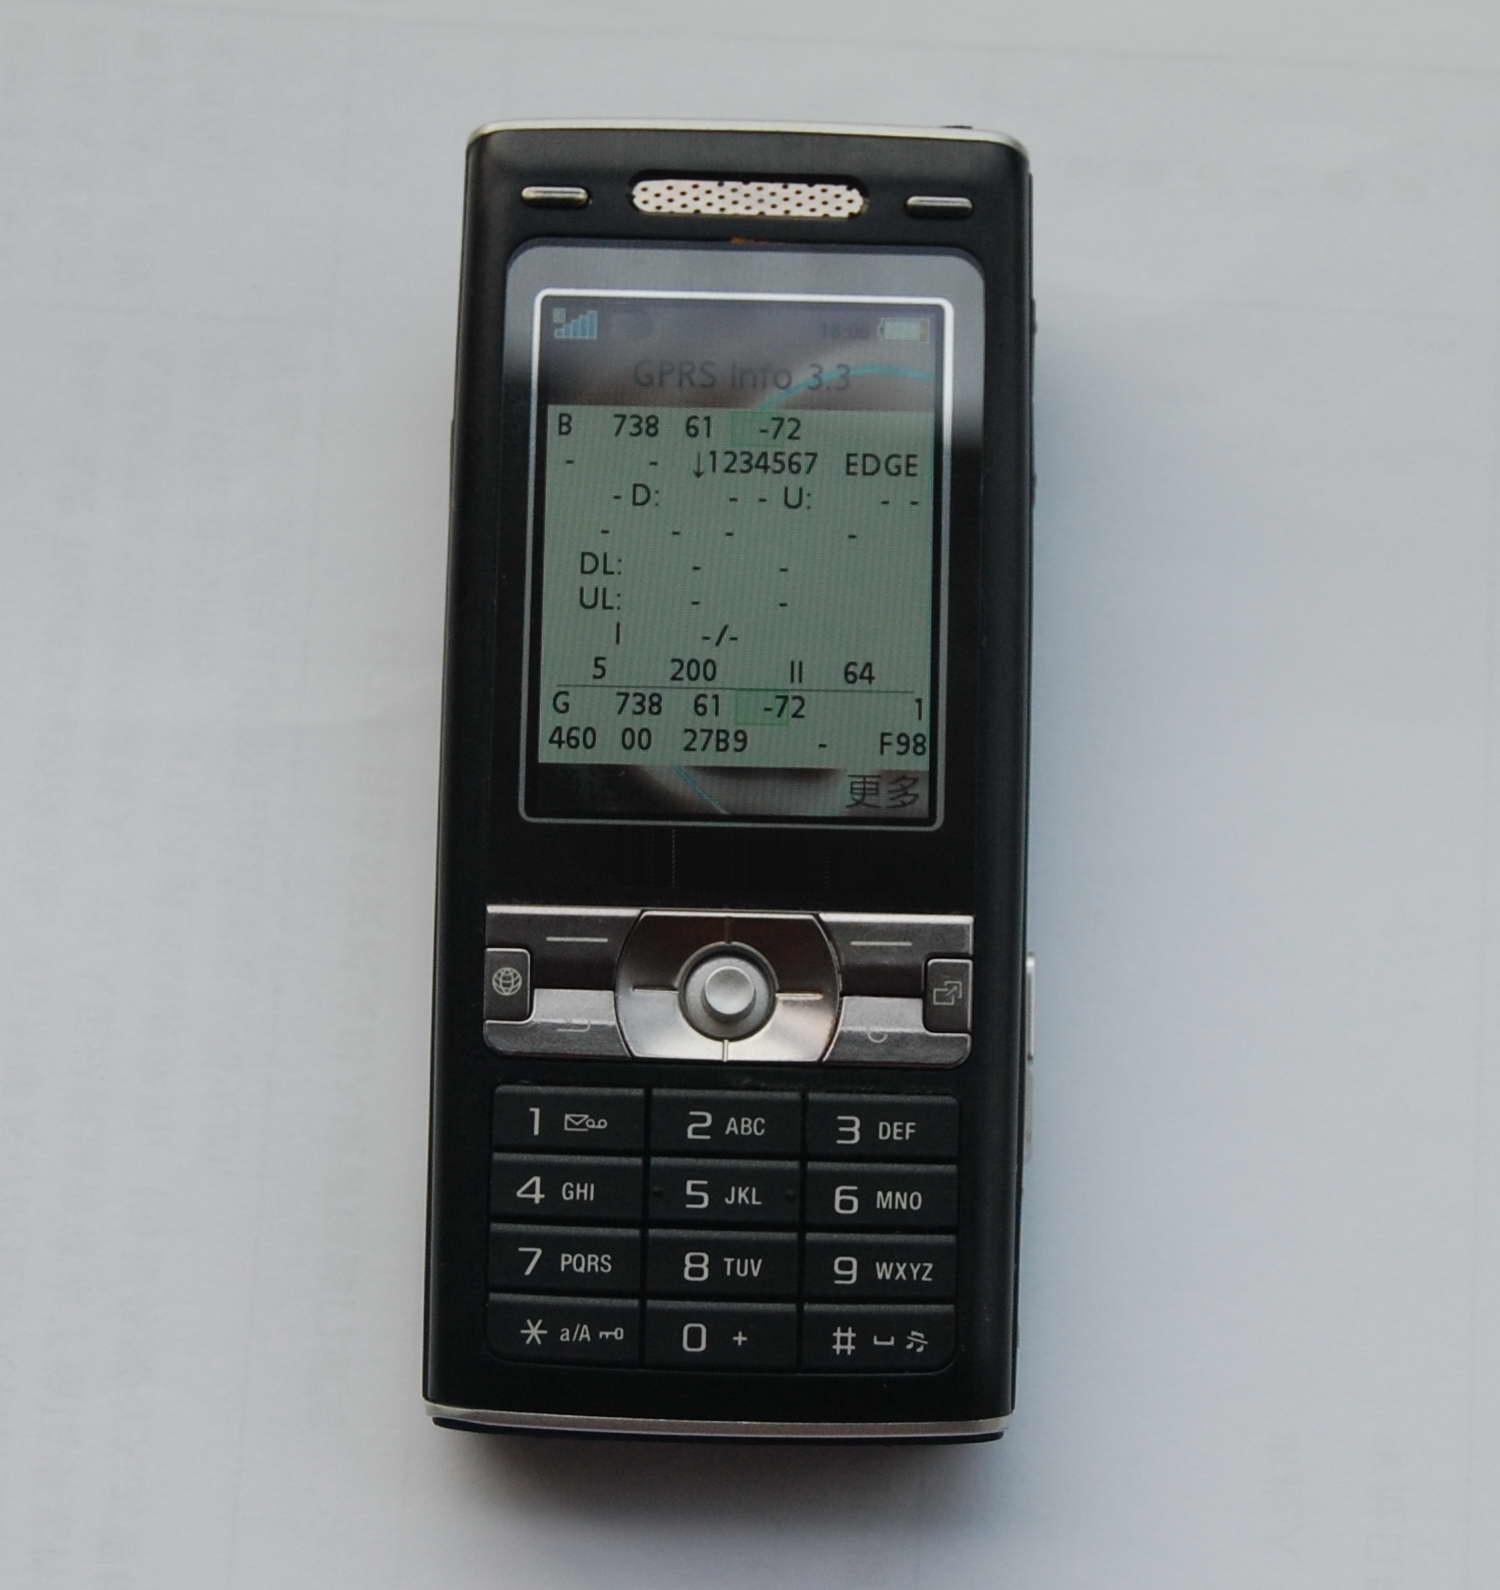 Atacado TEMS K790I teste do telefone móvel, o envio gratuito TEMS9.1 ou 8.0.3, suporte 2 G / EDGE teste